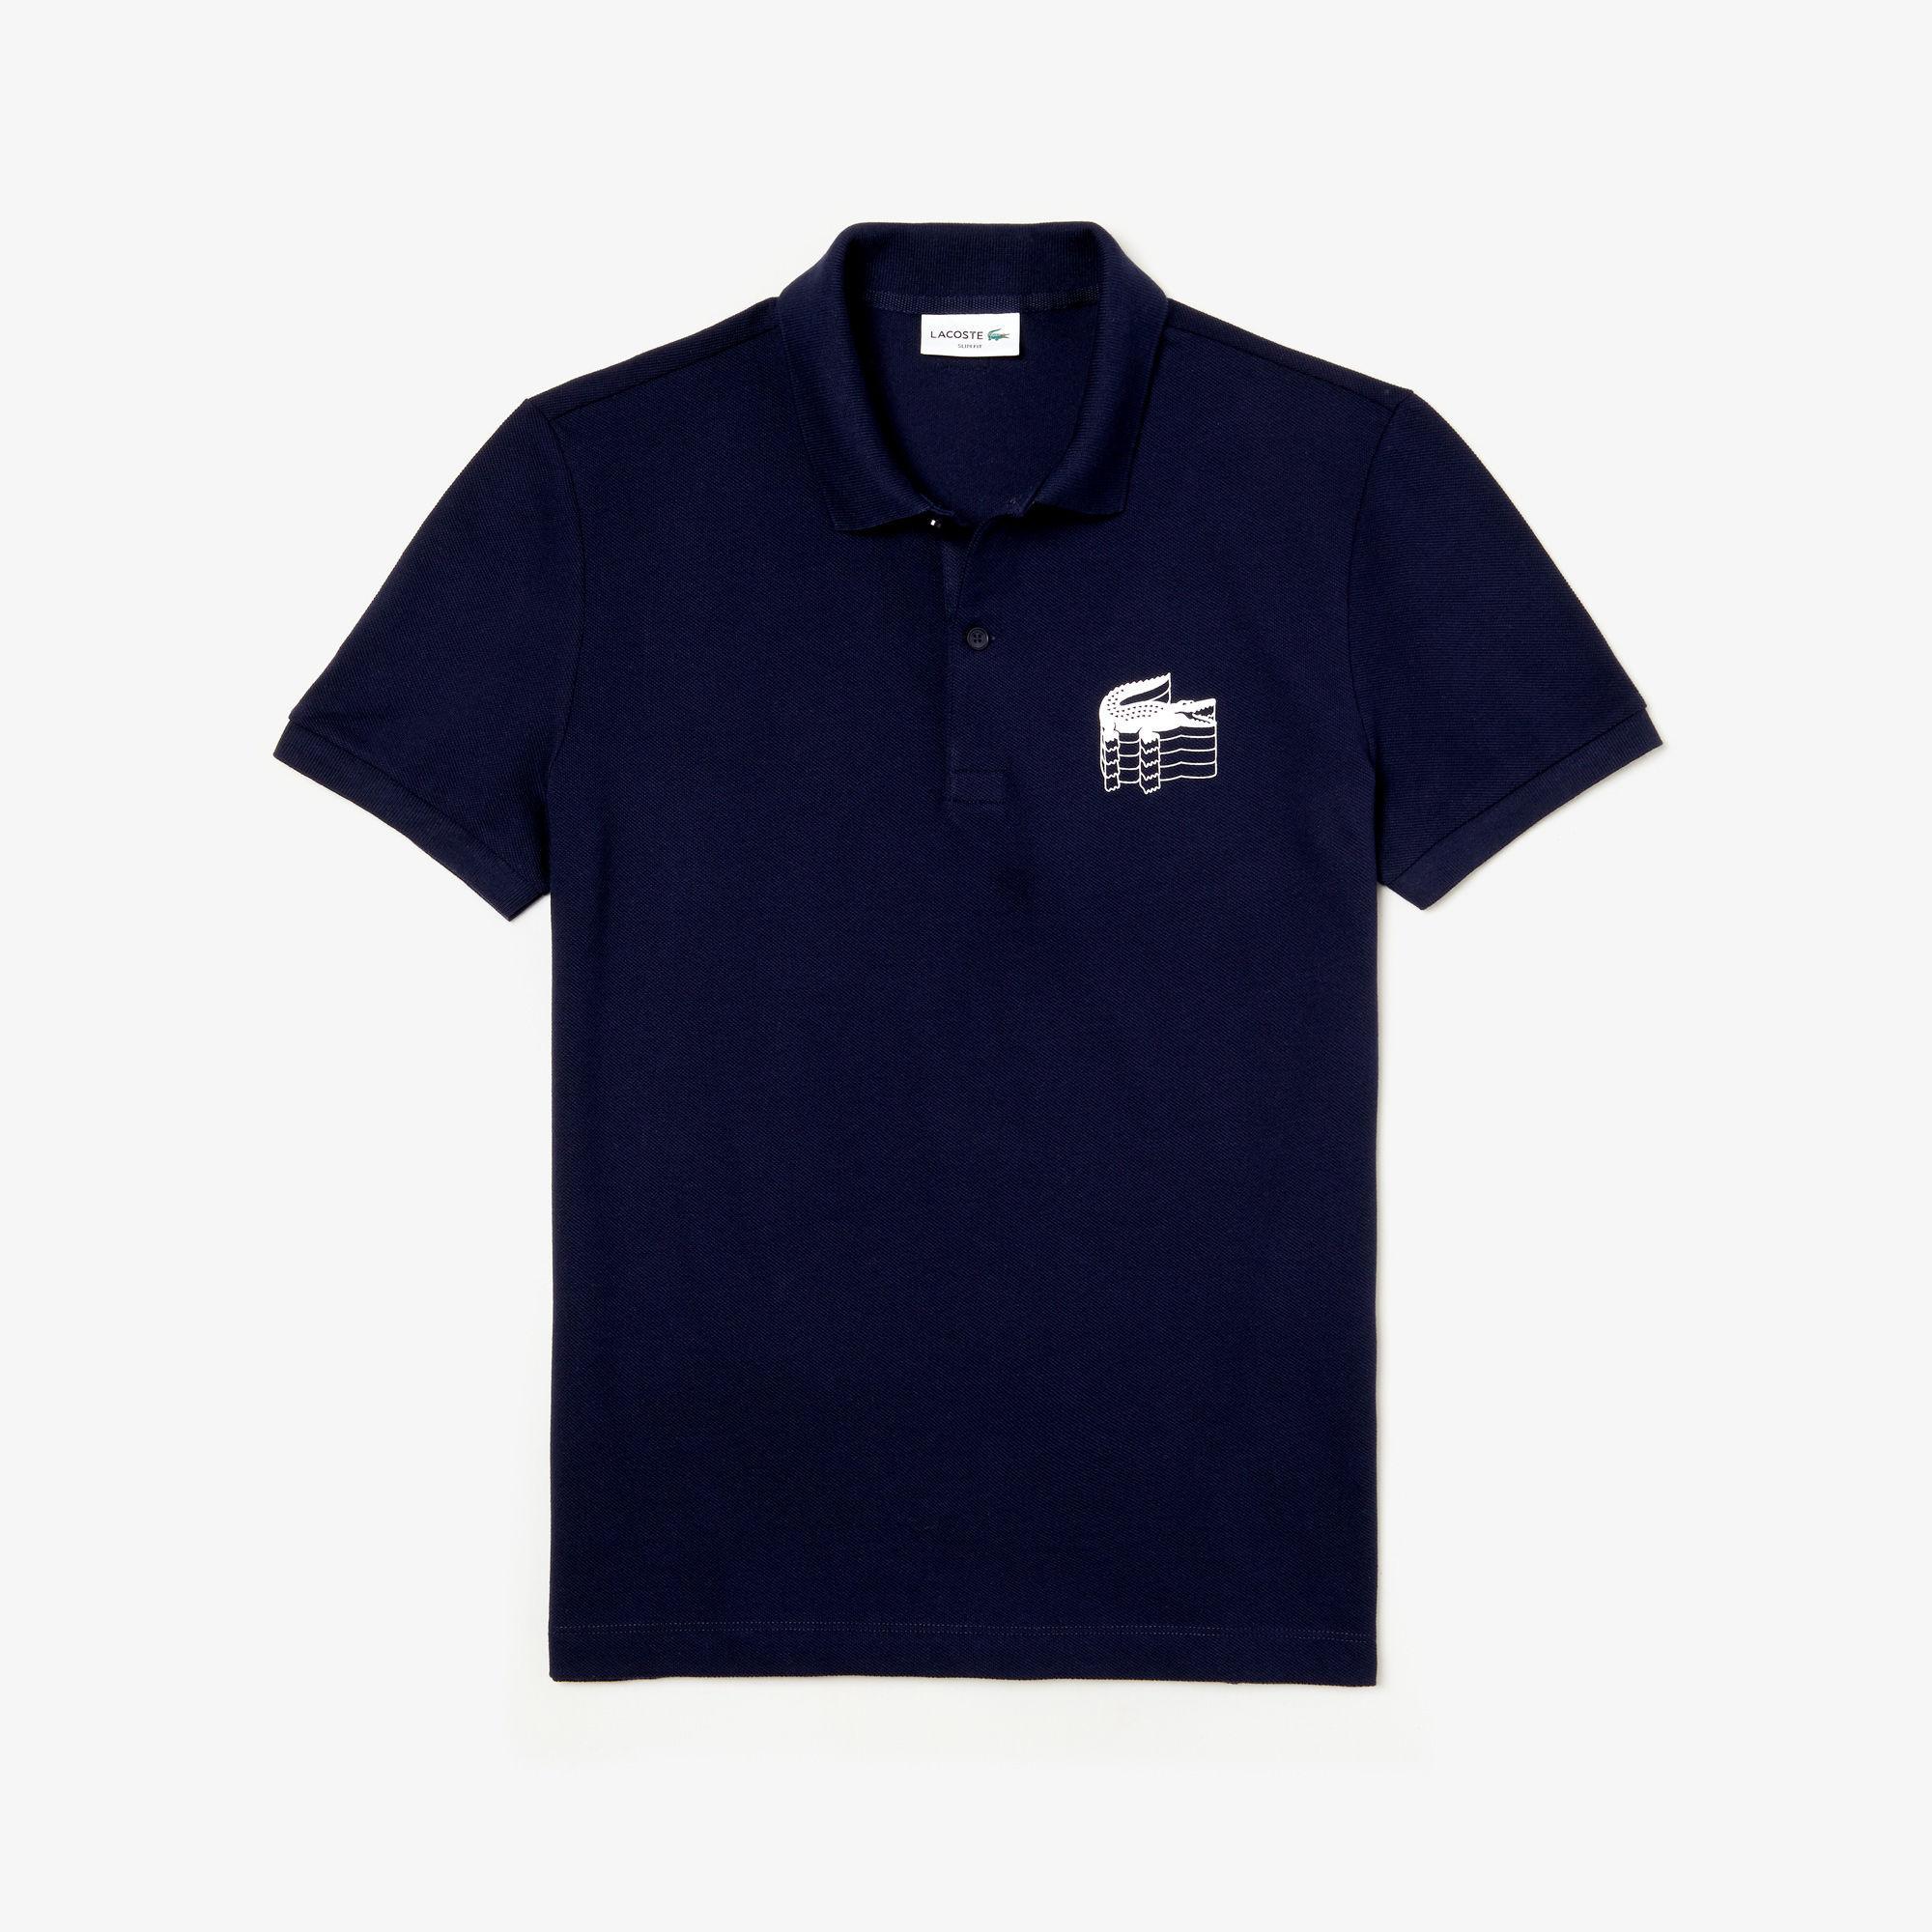 e465ad3b2e59 Lyst - Lacoste Slim Fit 3d Croc Petit Piqué Polo in Blue for Men